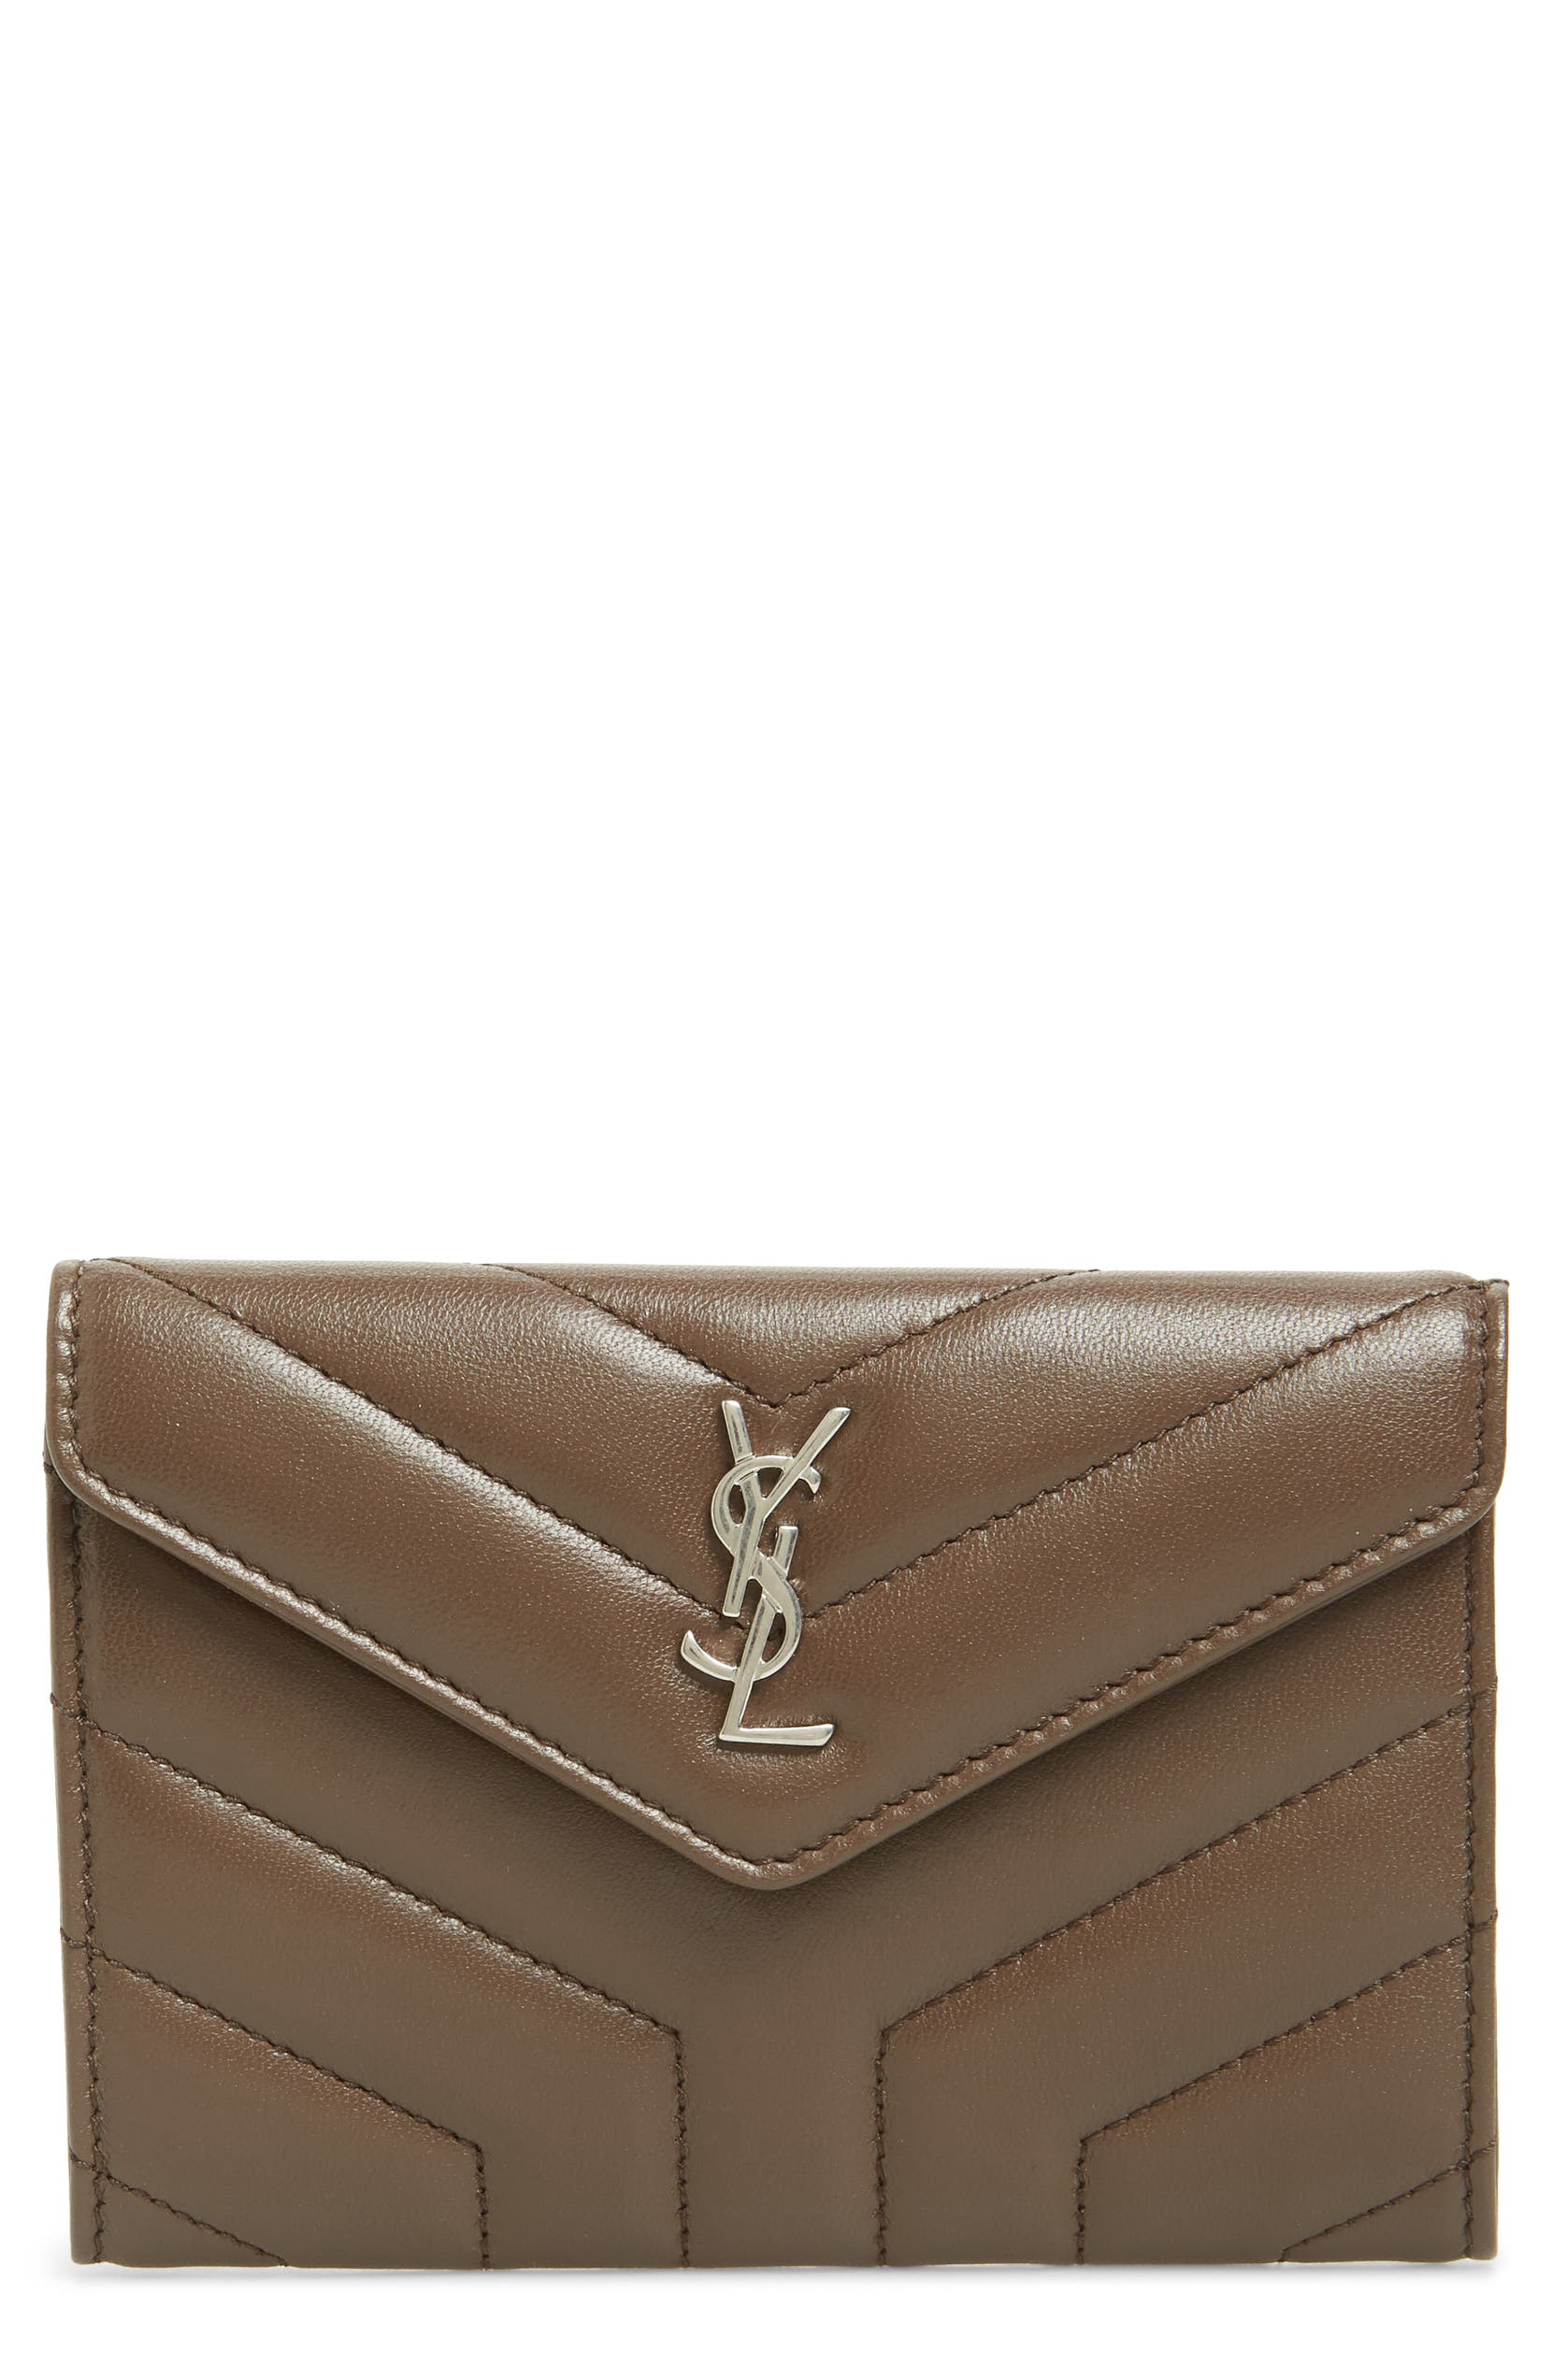 Saint Laurent Small Loulou Matelassé Leather Wallet  404c9621fa6e8